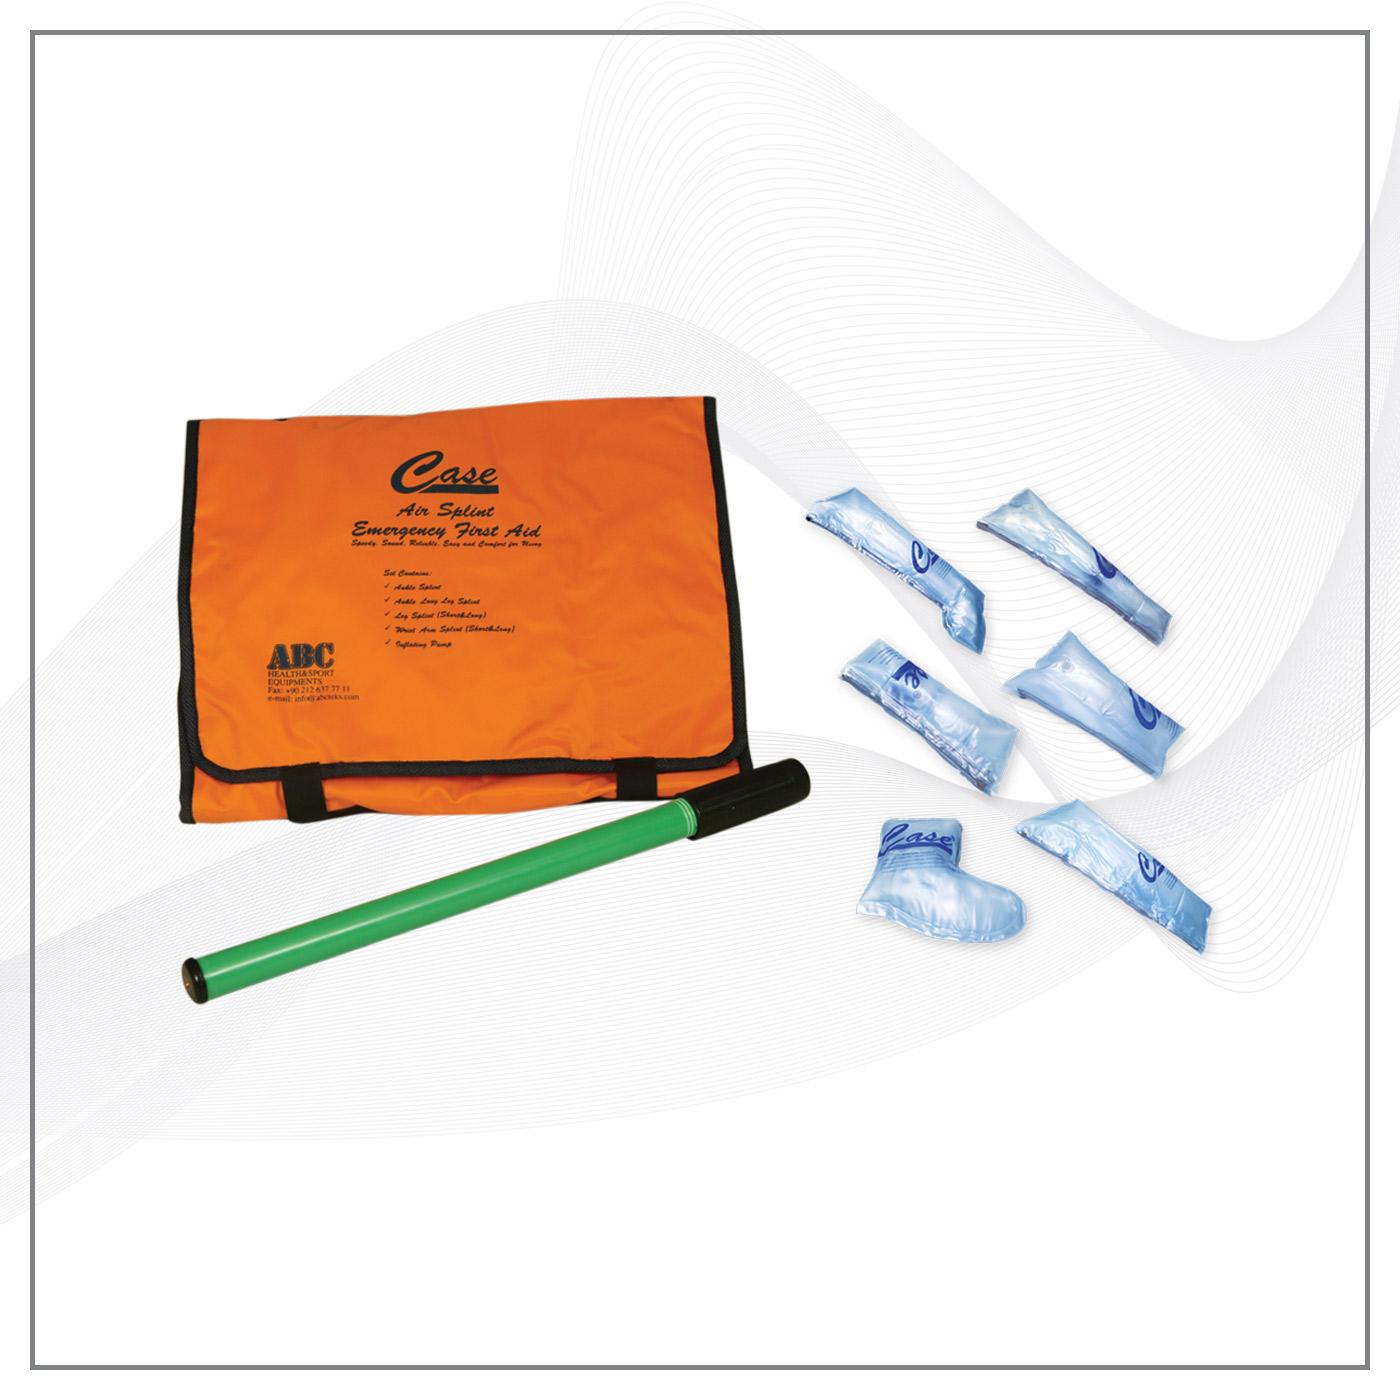 Abc Tıp Sağlık İlk Yardım Sarf Malzemeler AB 02